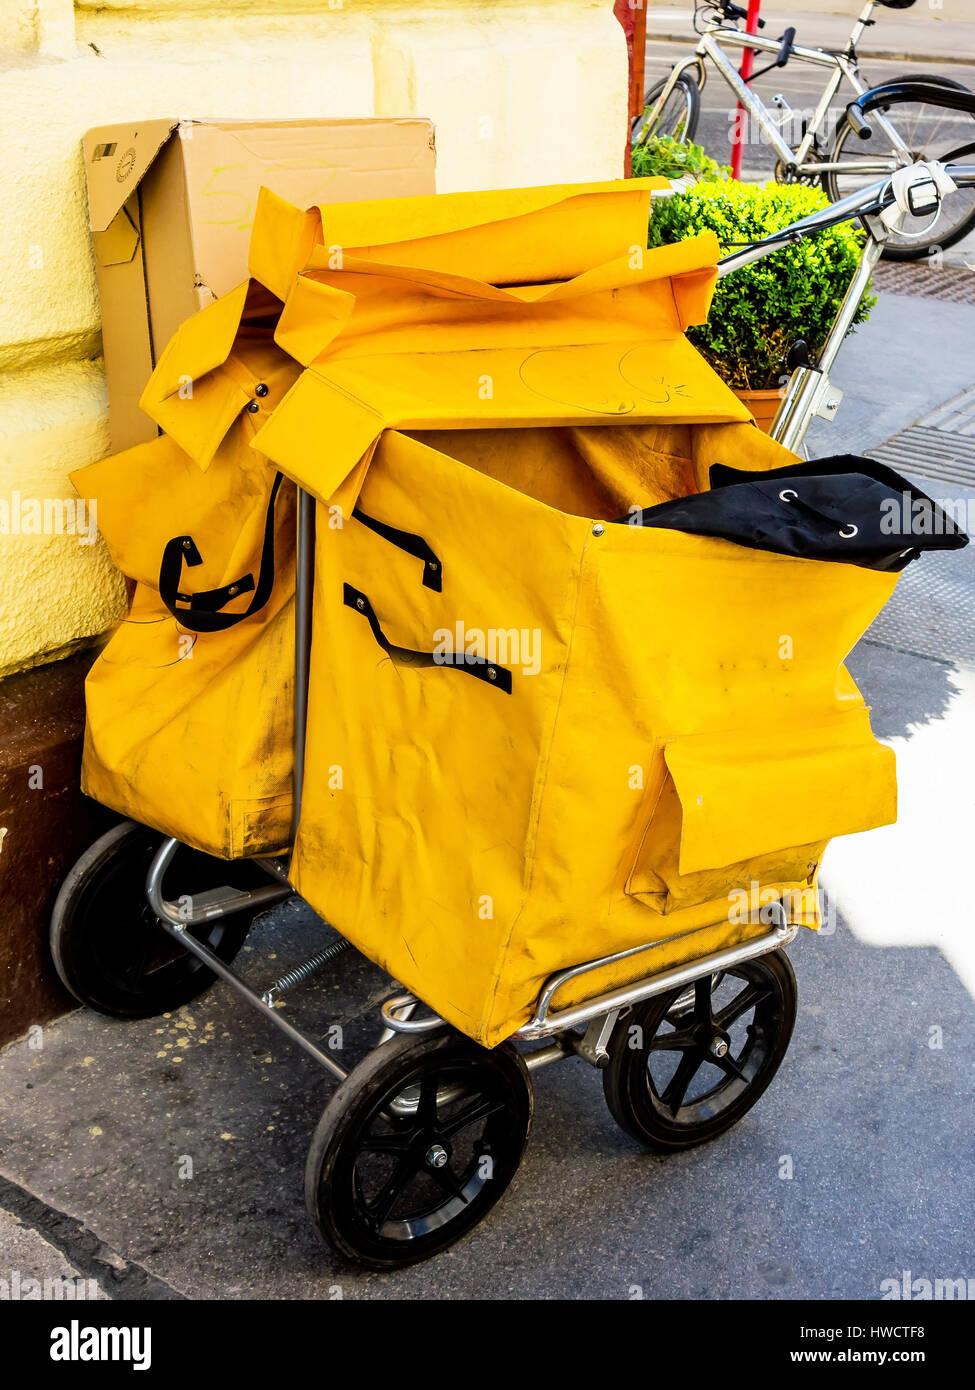 Bag of a postman. The mailman distributes the post, Sack eines Postboten. Der Briefträger verteilt die Post Stock Photo